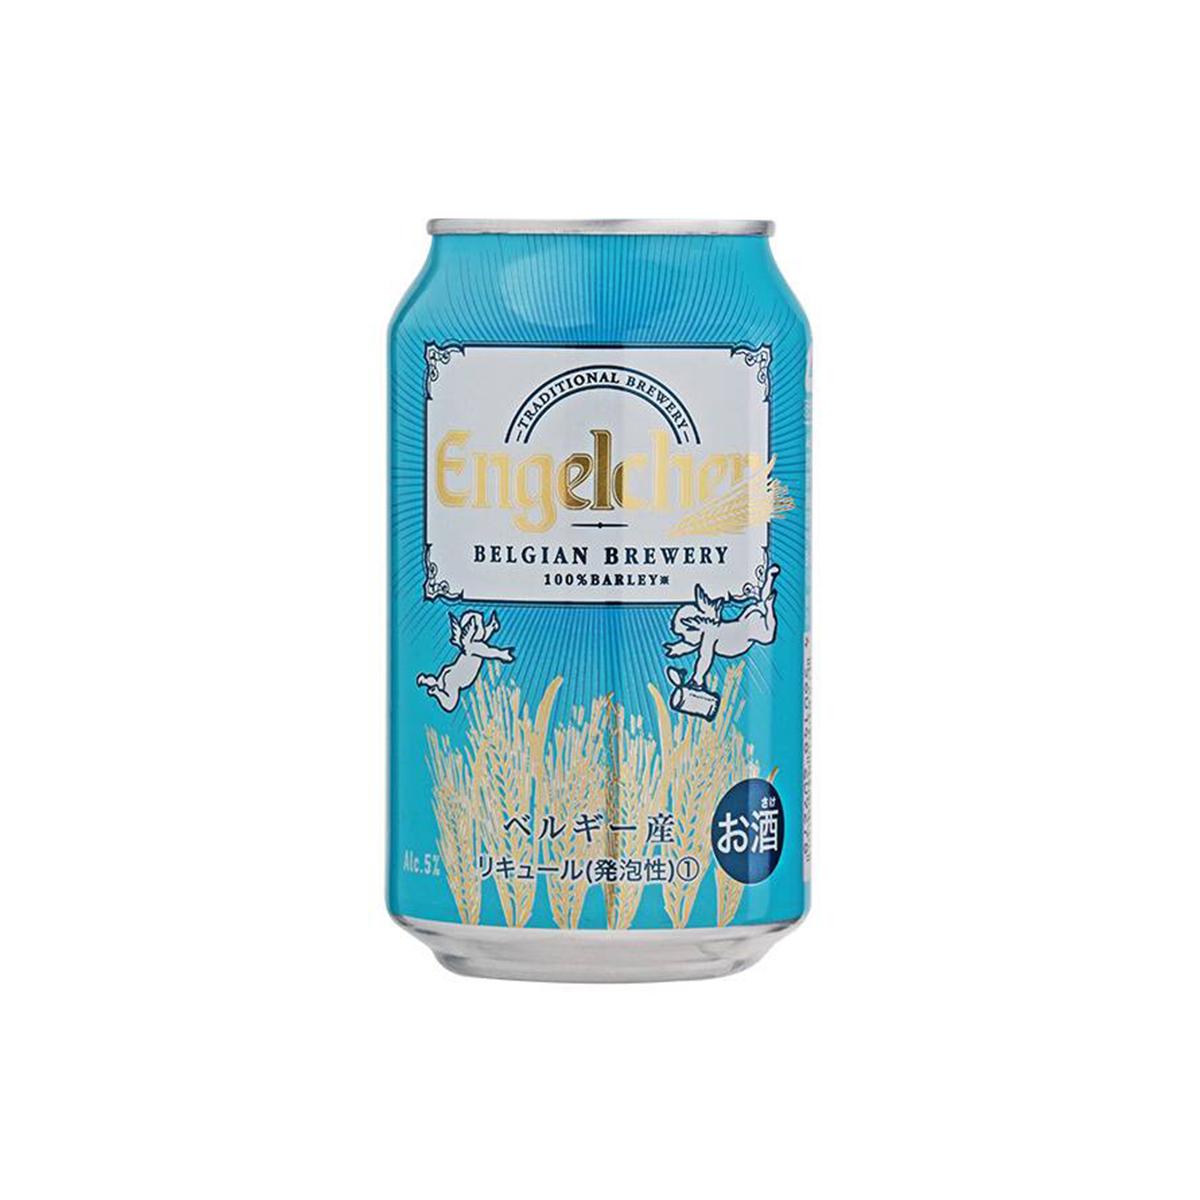 ベルギー生まれの新ジャンルのビール「エンゲルヒェン」(ライターZリコメンド)